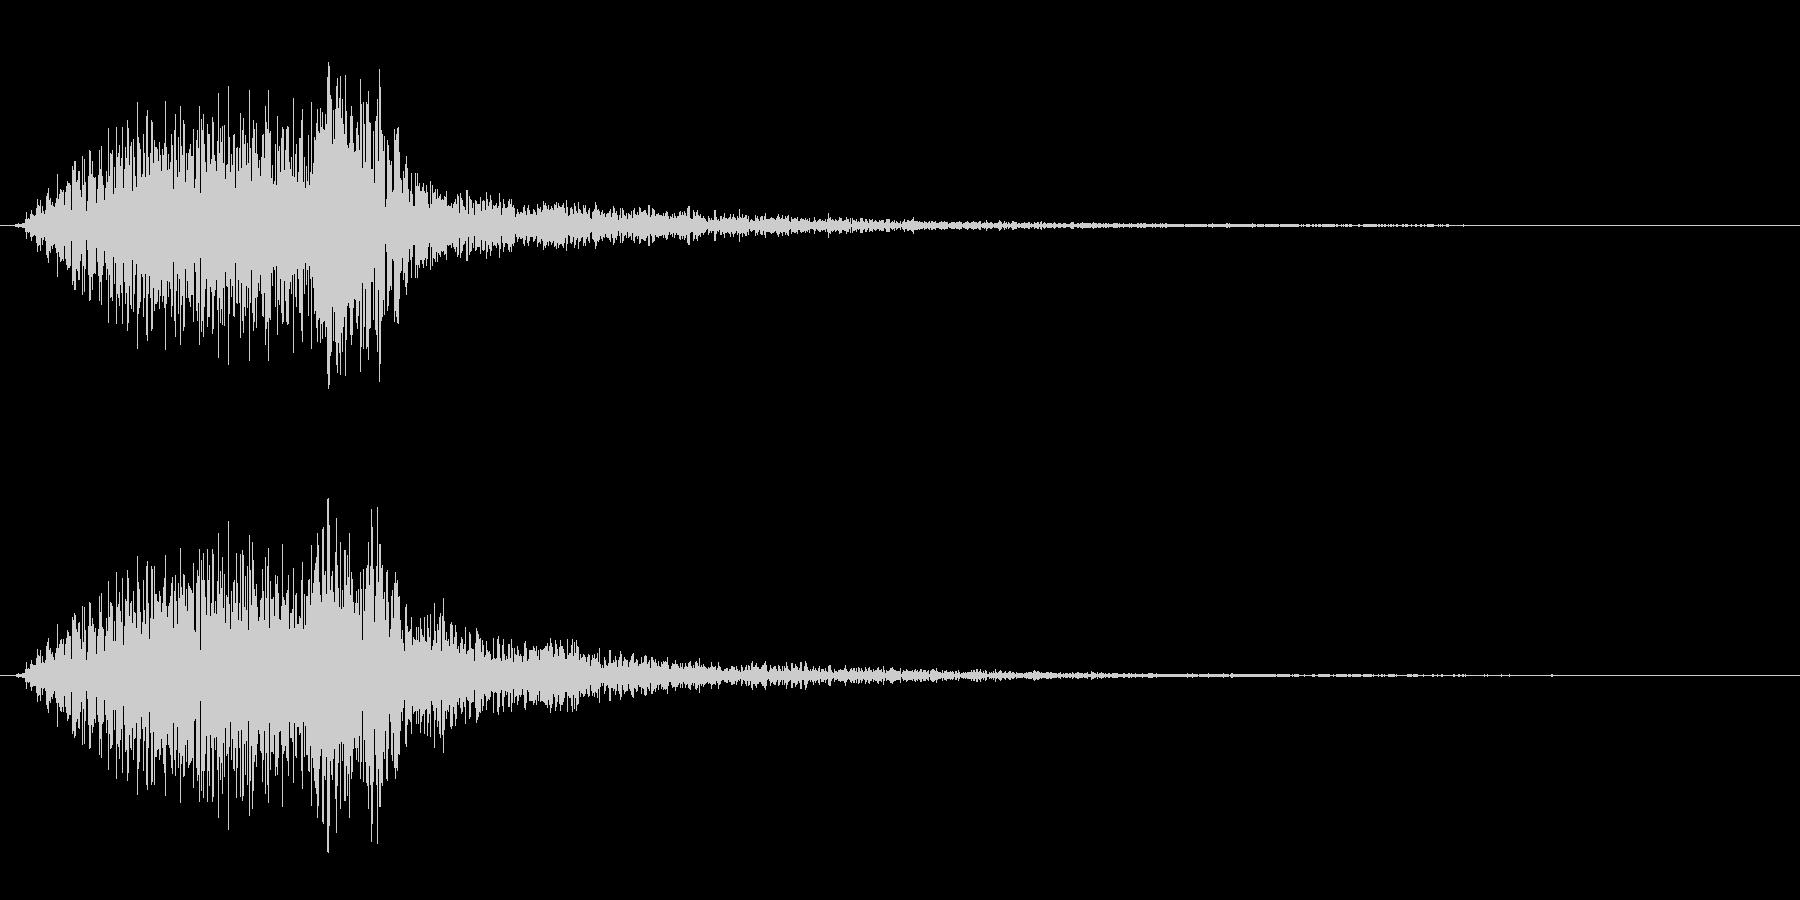 ビュウン、という近代的な電子音の未再生の波形